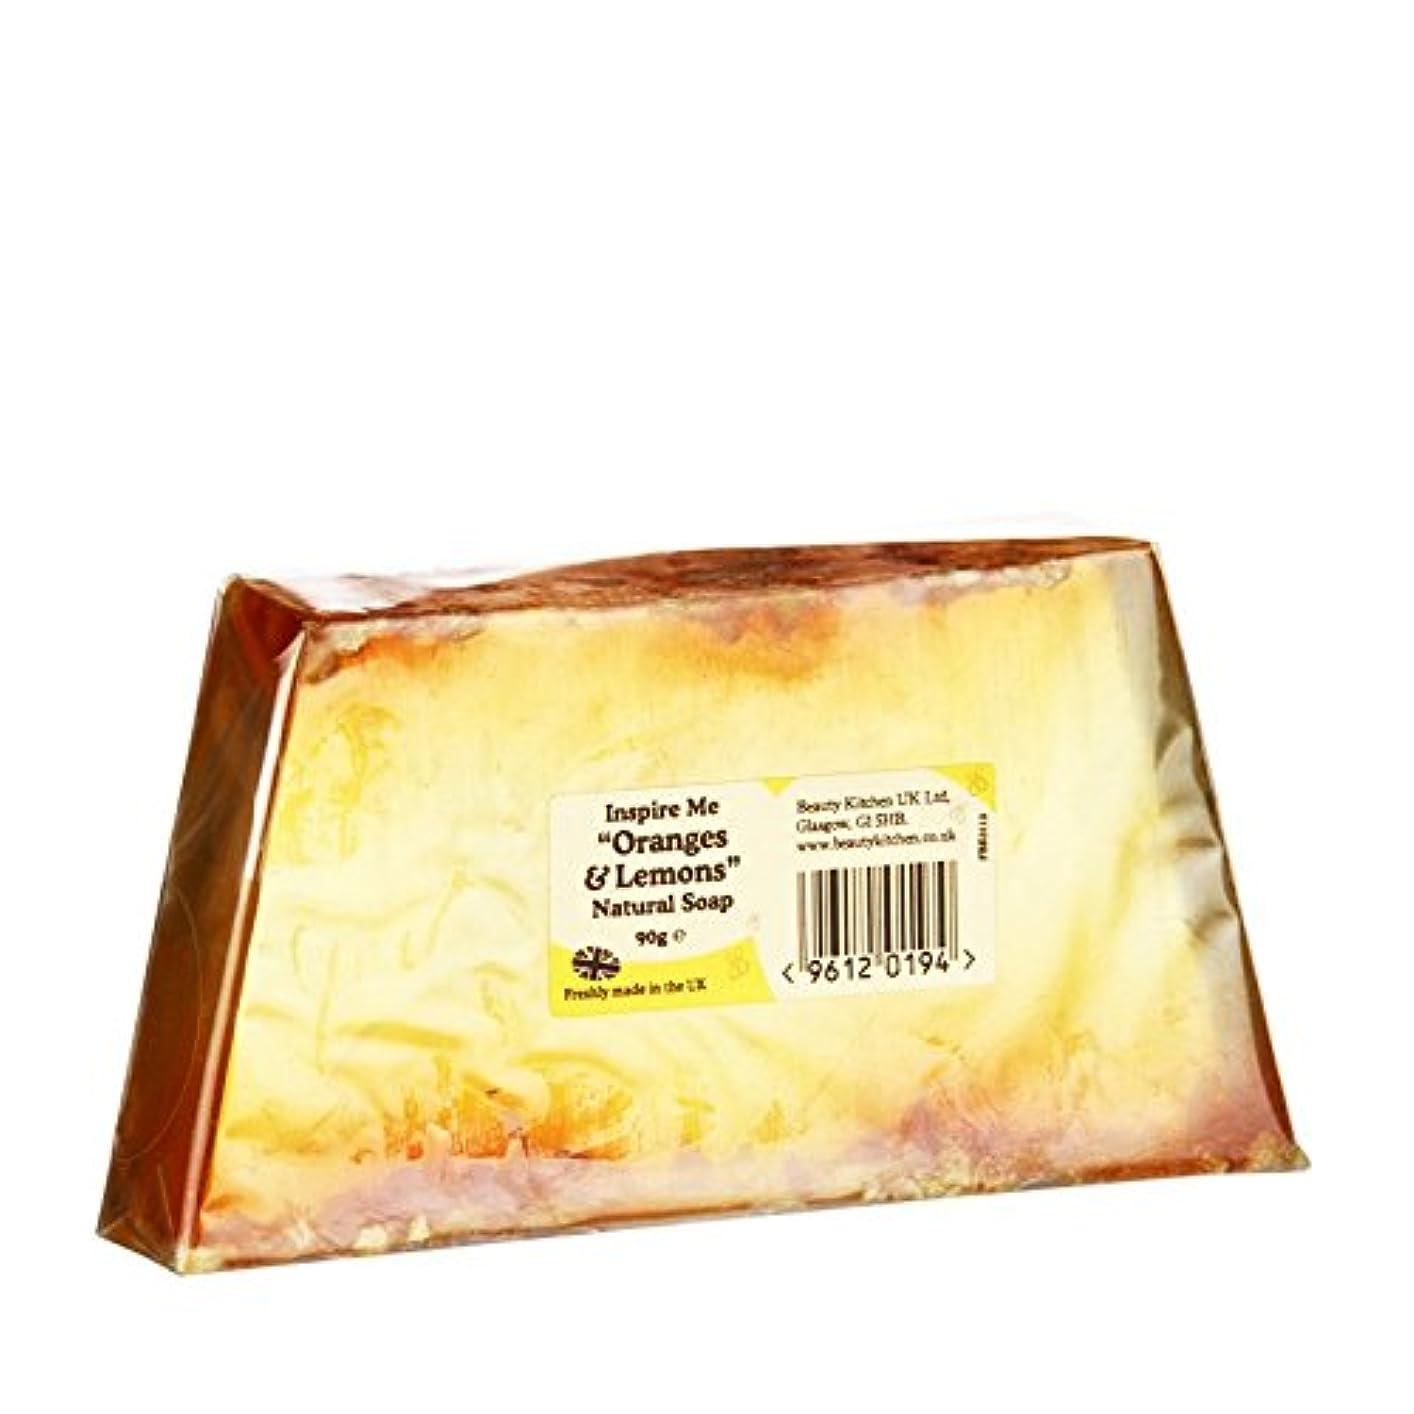 デクリメント綺麗な自体Beauty Kitchen Inspire Me Orange & Lemon Natural Soap 90g (Pack of 6) - 美しさのキッチンは私がオレンジ&レモンの天然石鹸90グラム鼓舞します (x6) [並行輸入品]